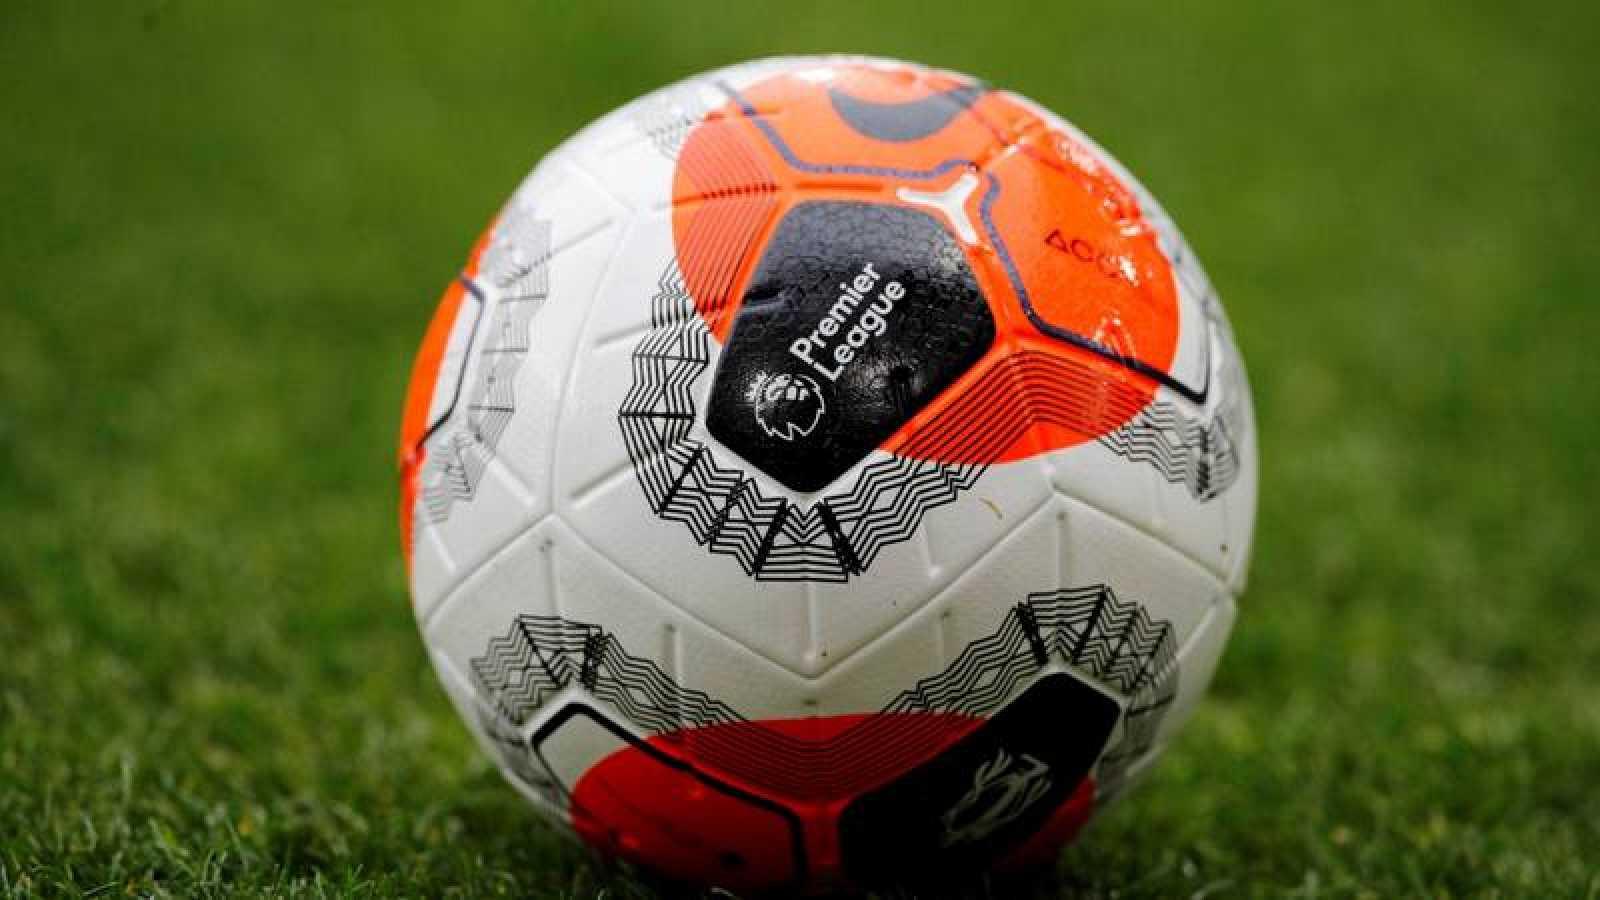 Imagen del balón oficial de la Premier League de la temporada 2019-2020.